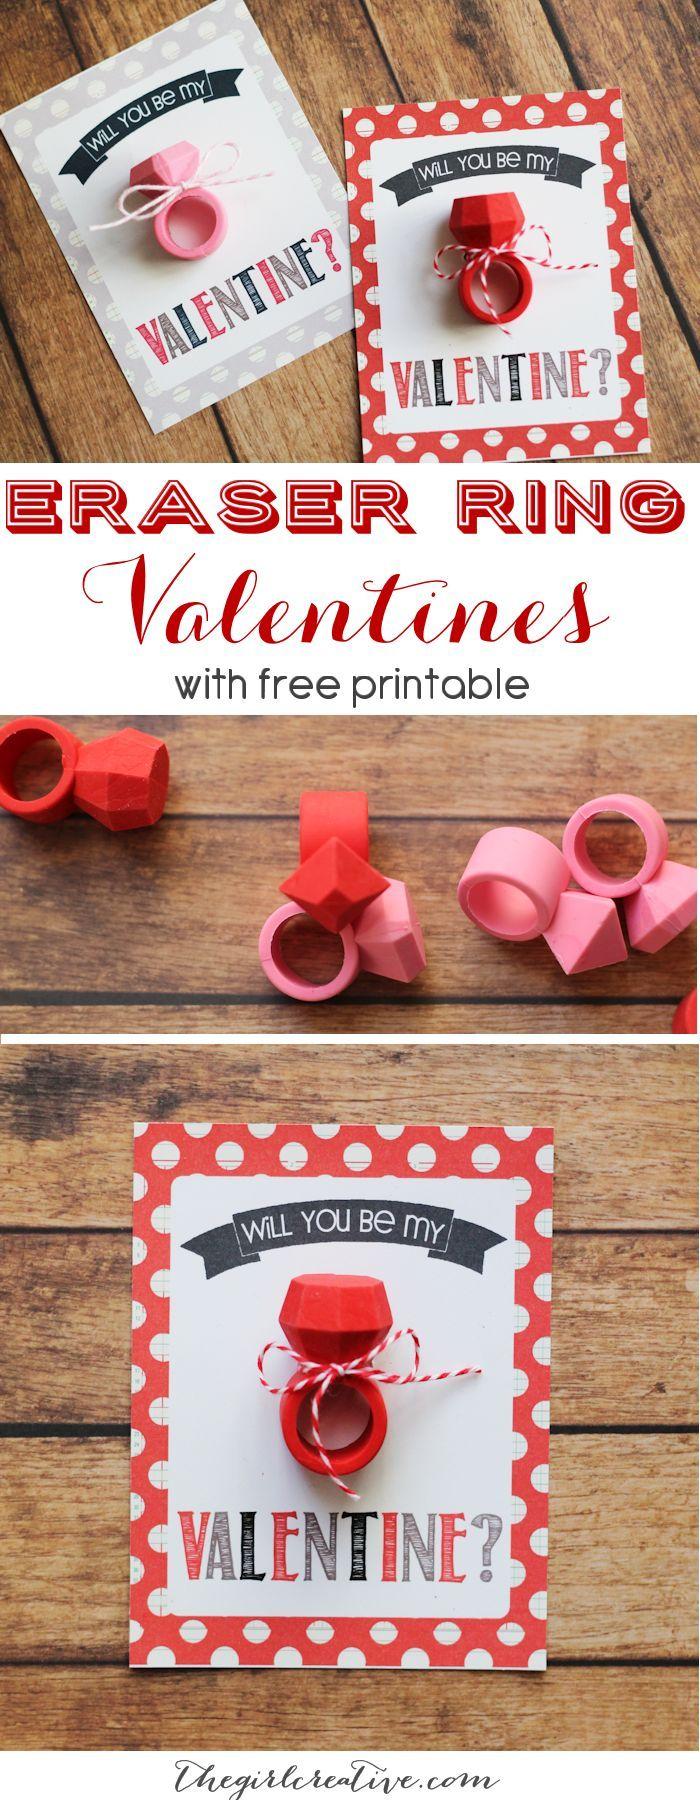 The 25 Best Free Printable Resume Ideas On Pinterest Mandala